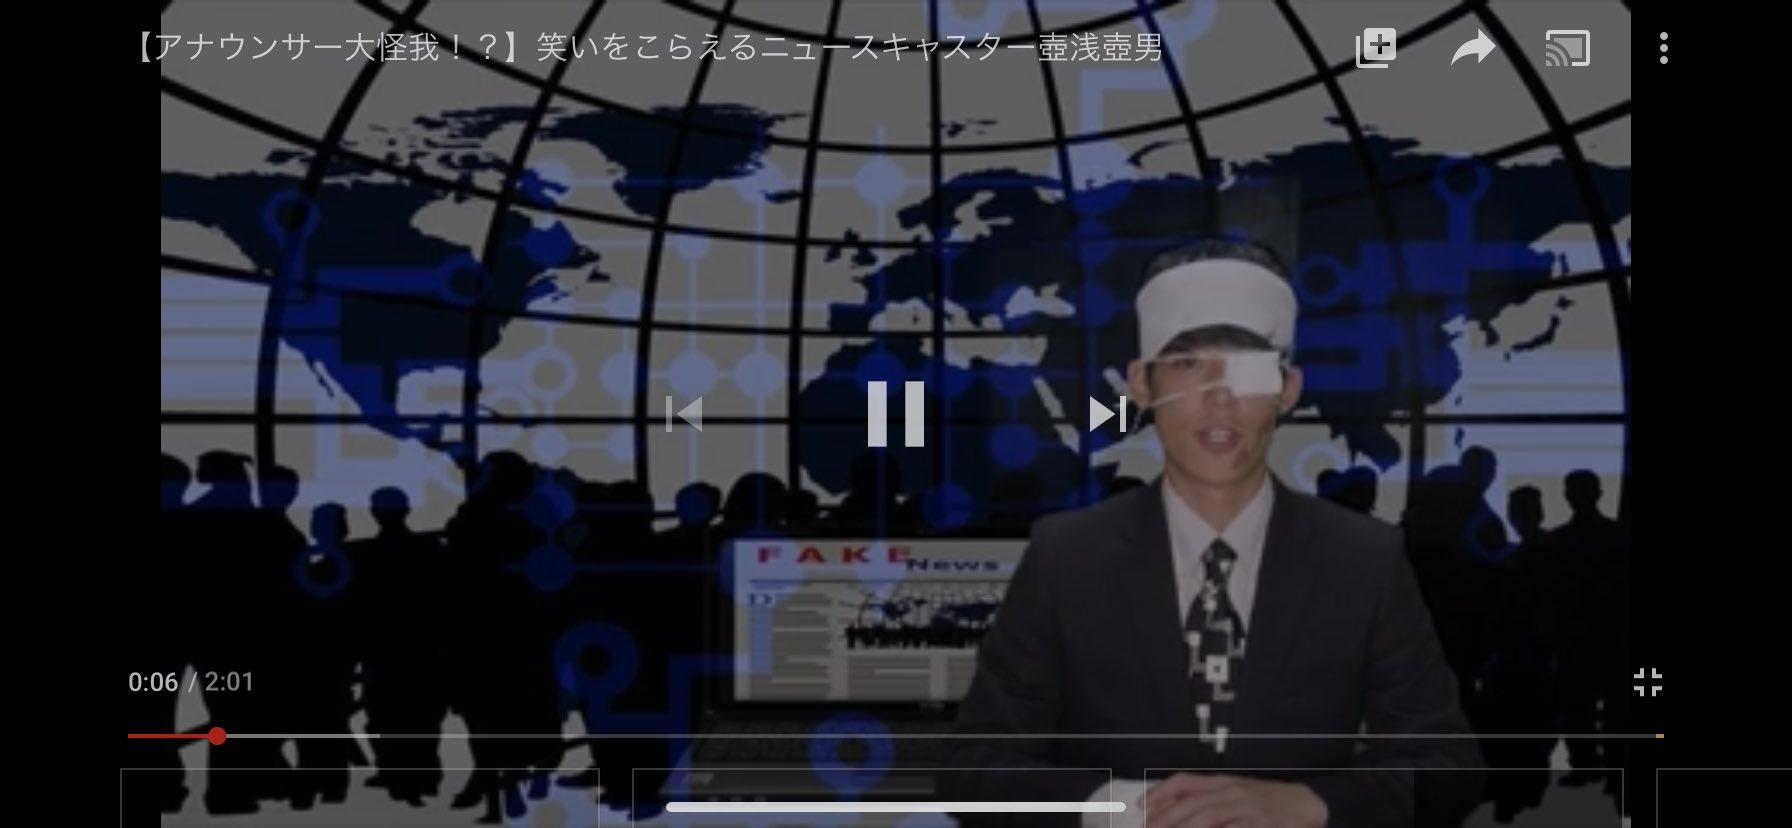 男 壺 壺 アナウンサー 浅